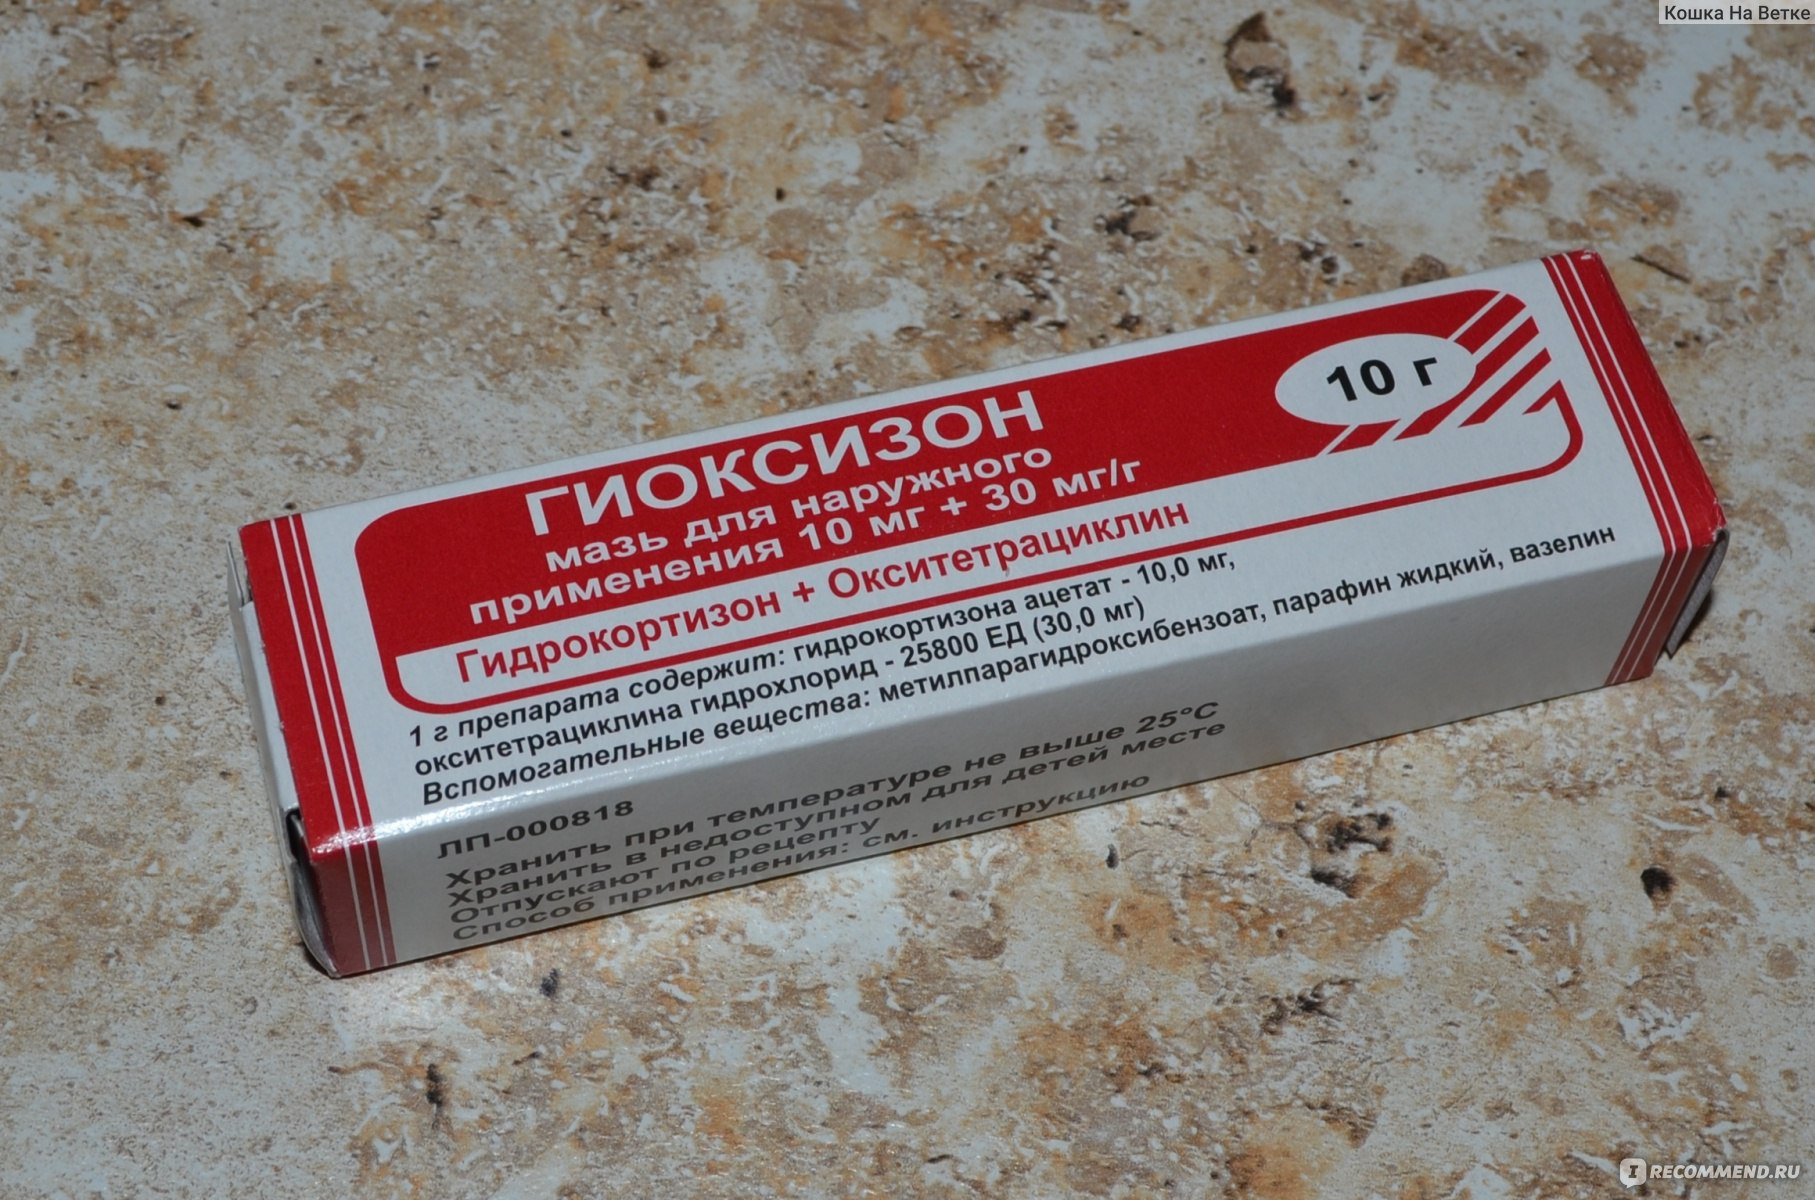 Мазь гиоксизон для лечения ран и дерматитов у детей